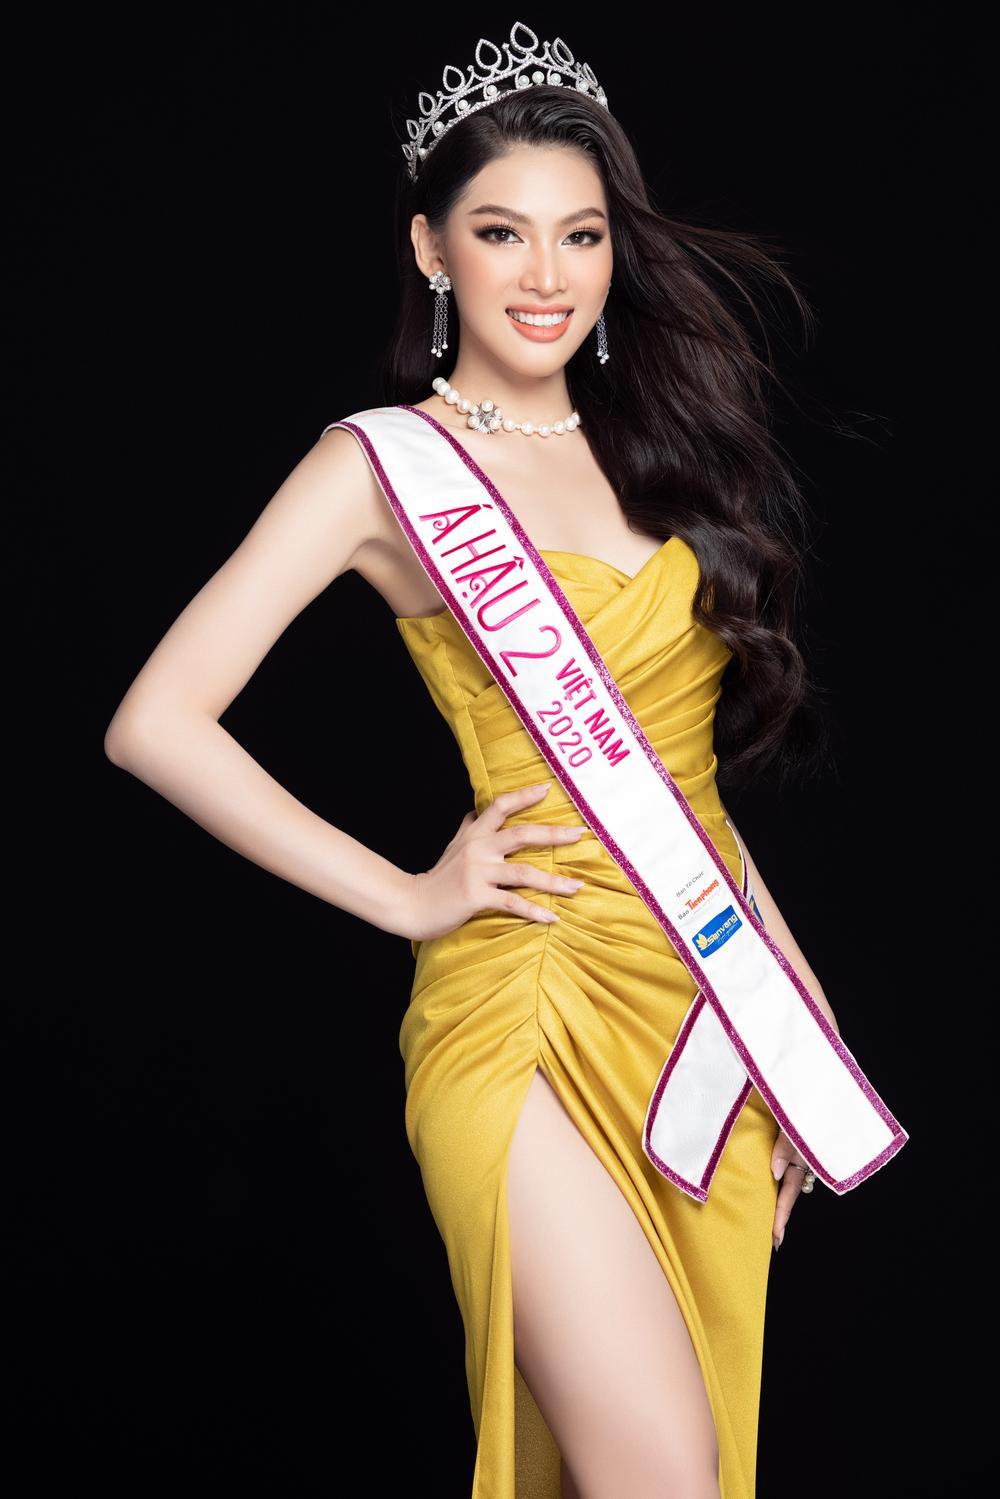 Á hậu Ngọc Thảo tung 2 mẫu National Costume hoành tráng nhờ fan vote dự thi Miss Grand Ảnh 1